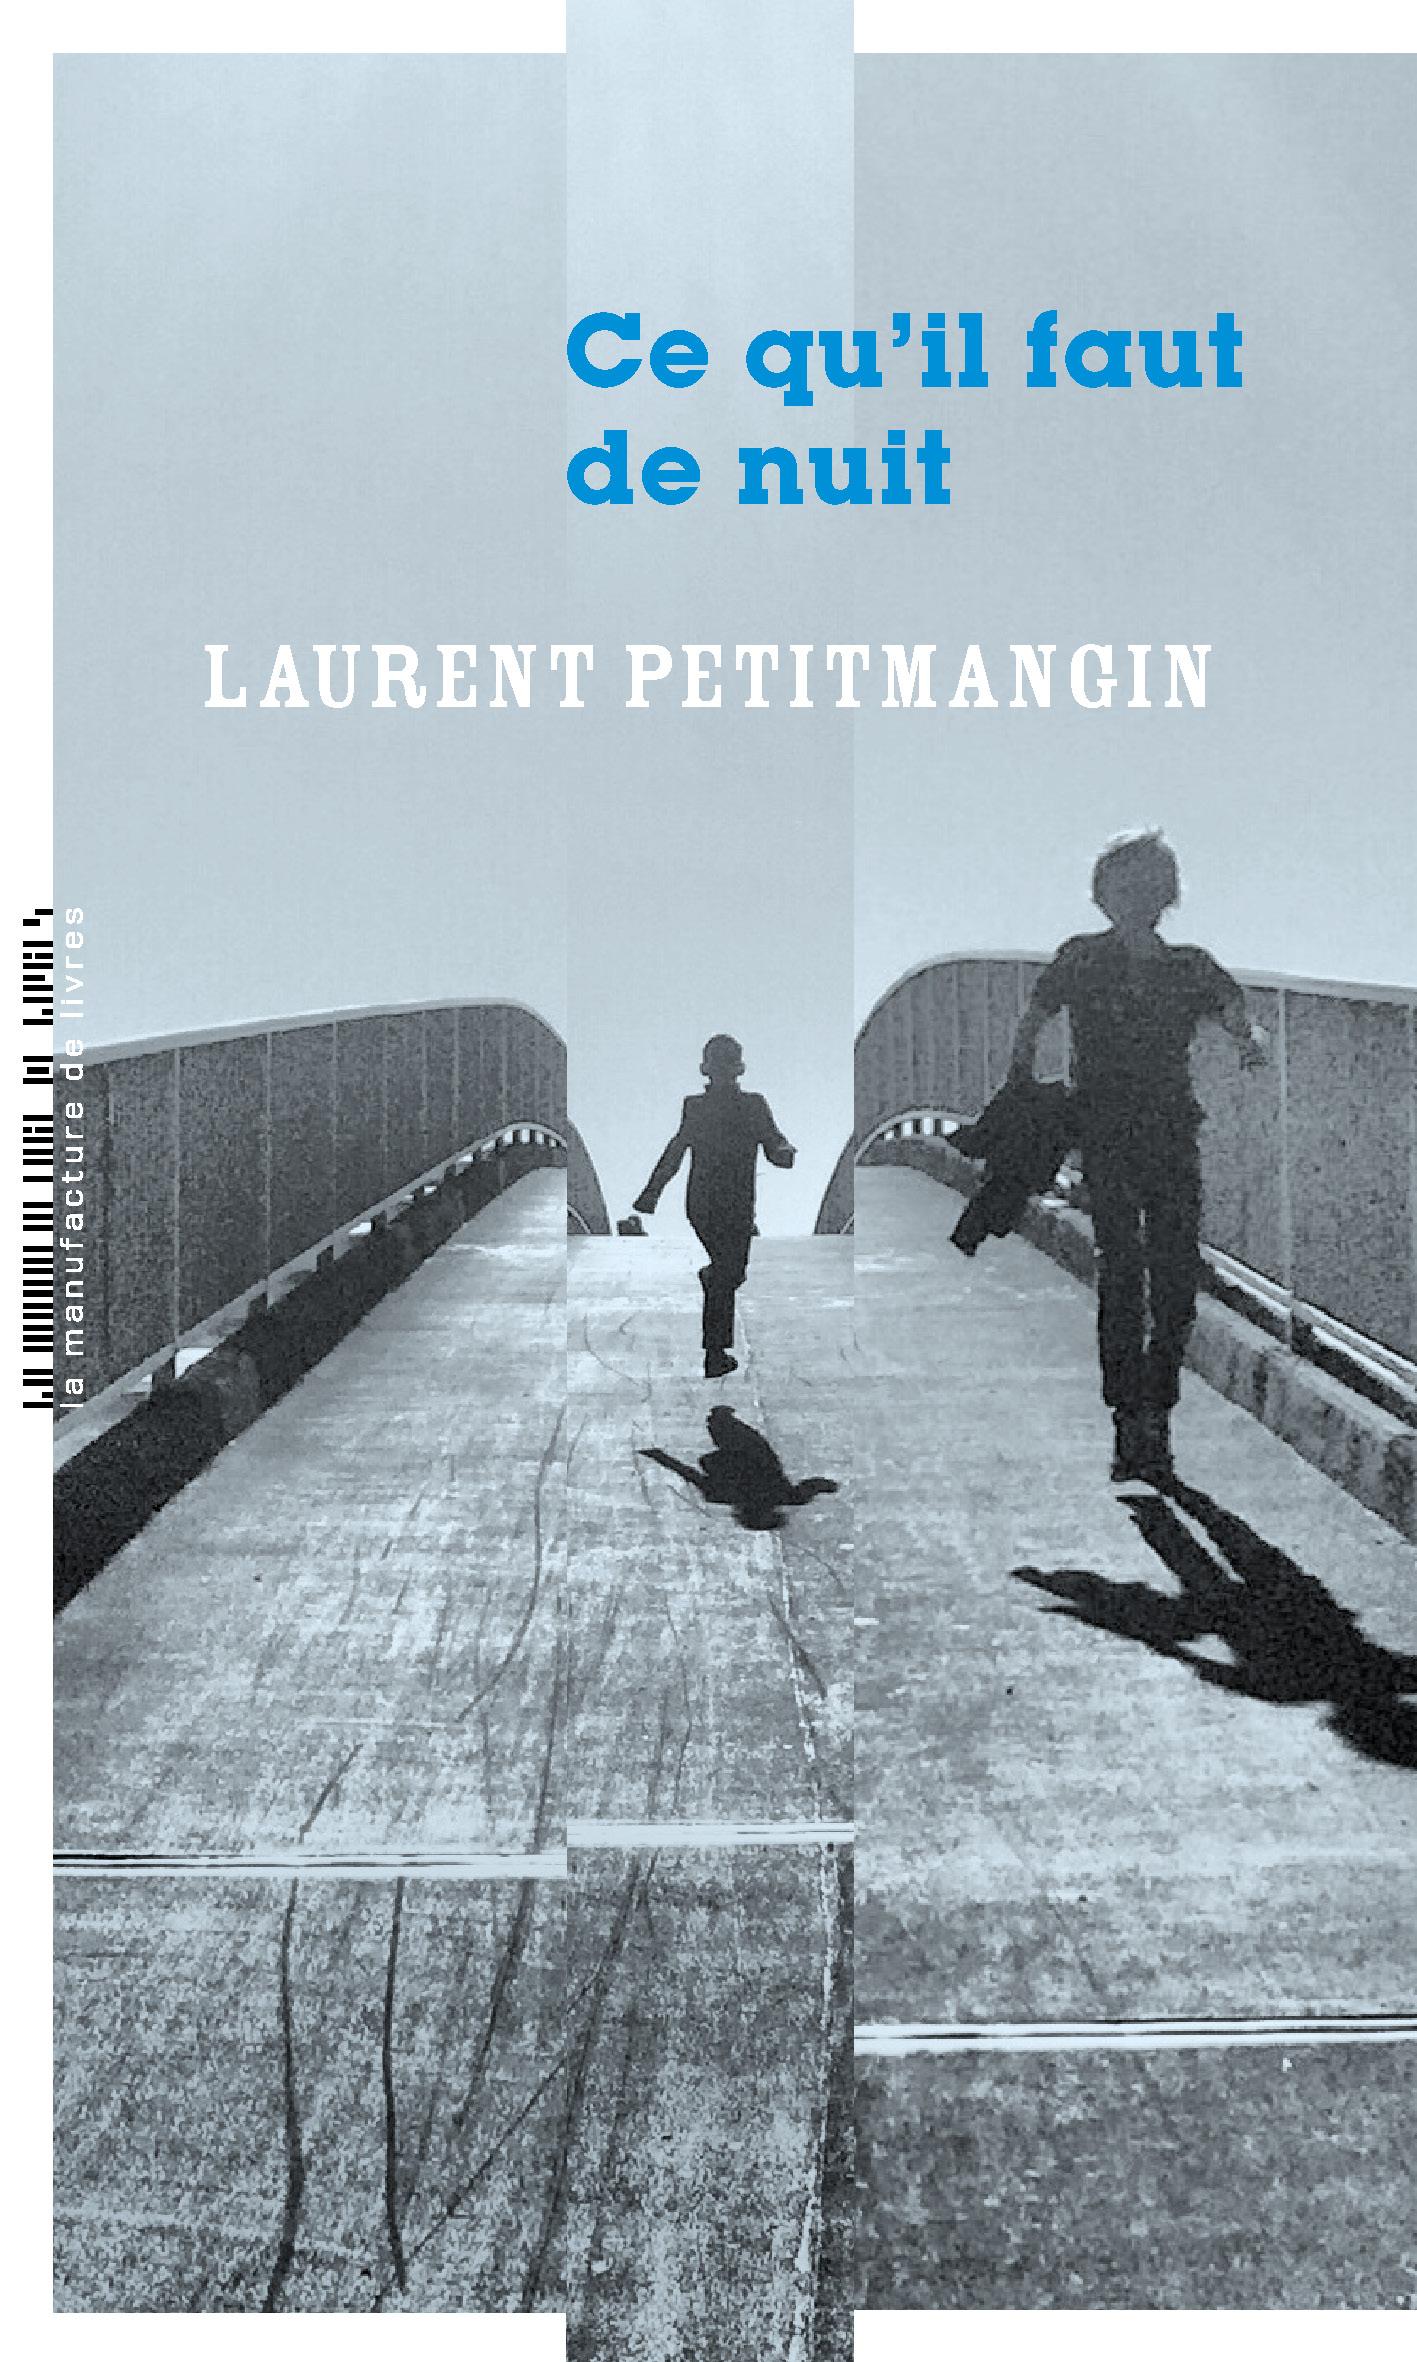 Ce qu'il faut de nuit, Petitmangin, Laurent